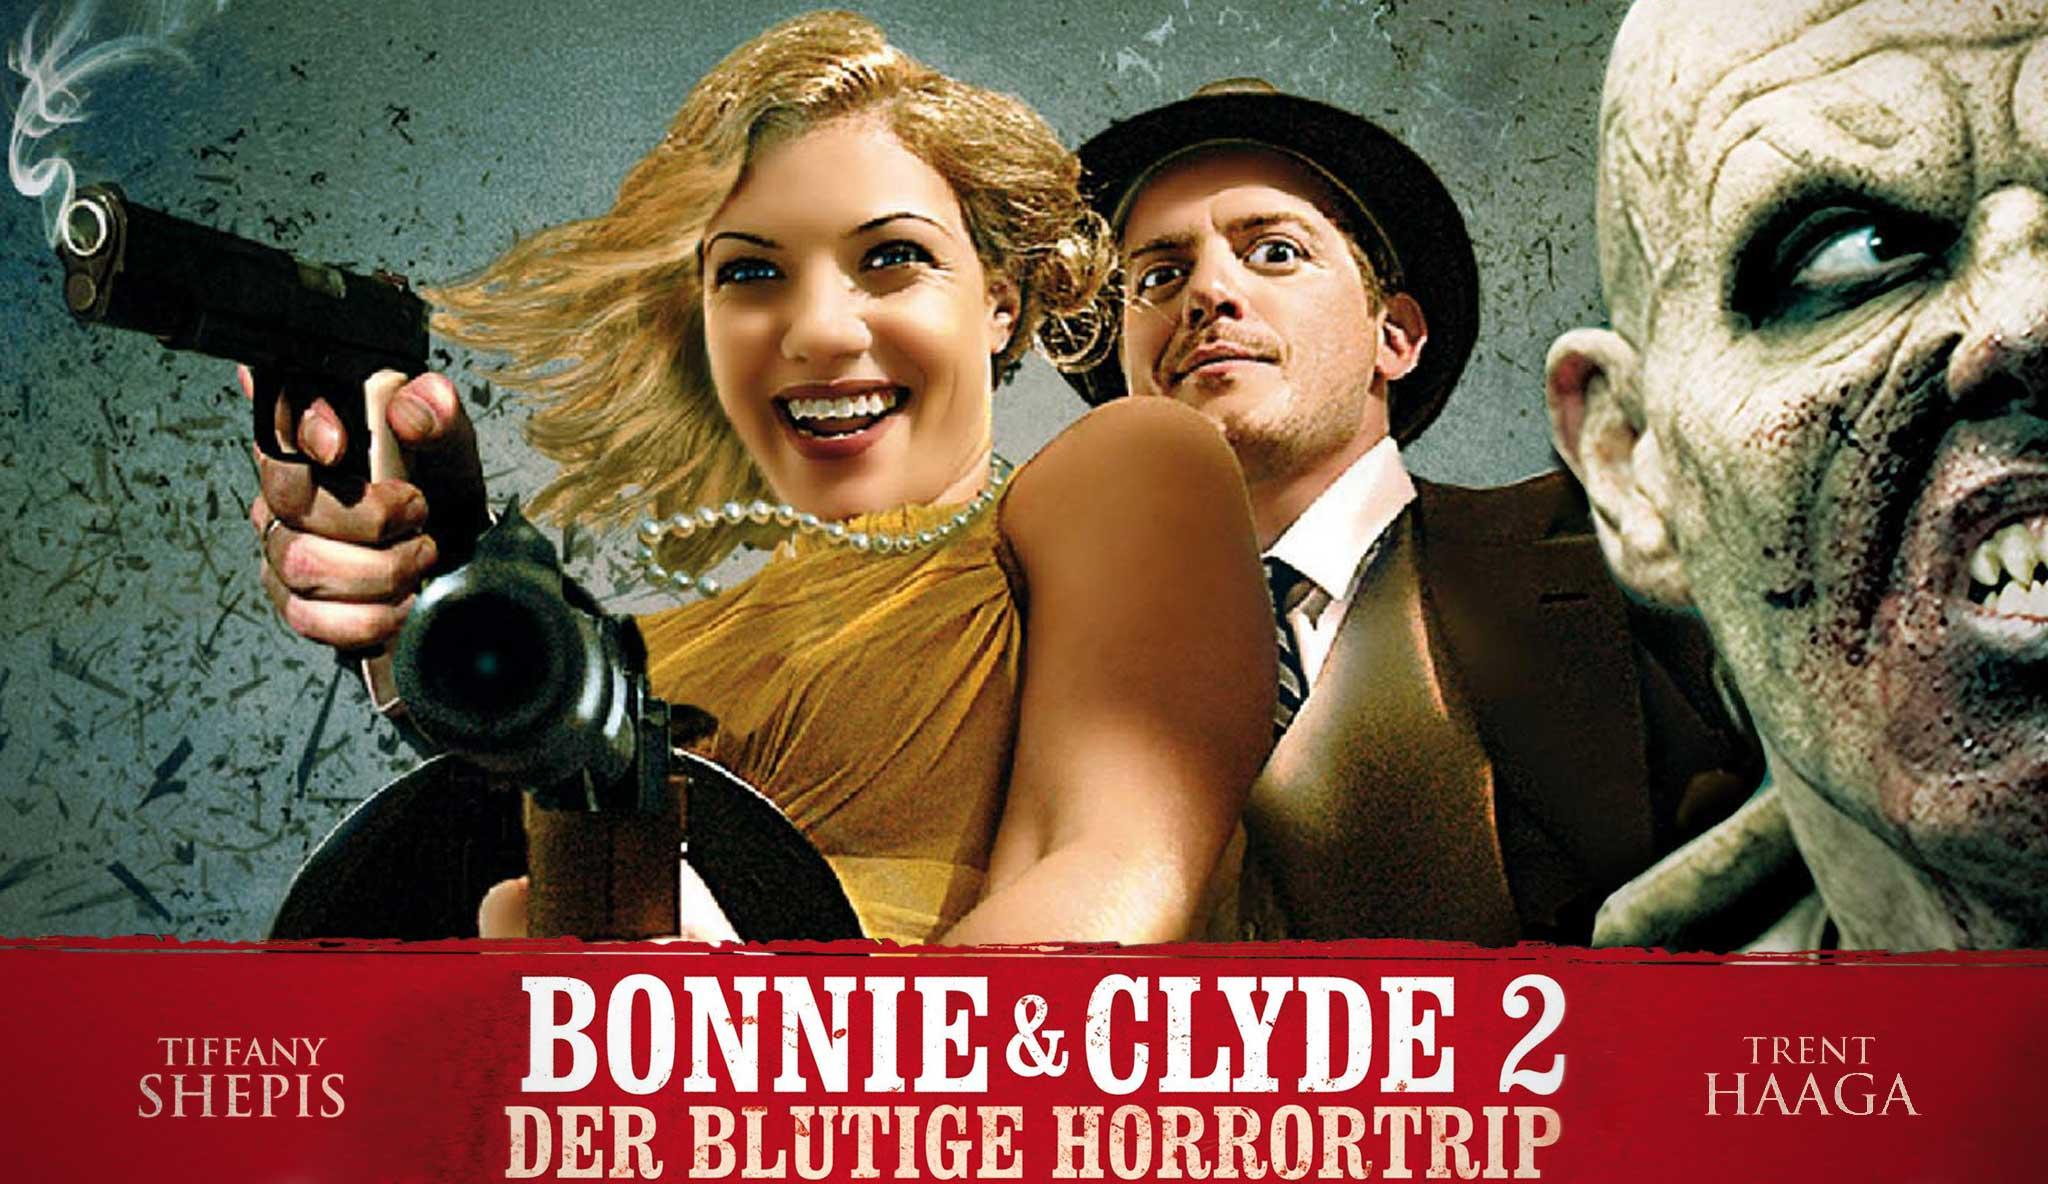 bonnie-clyde-2-der-blutige-horrortrip\header.jpg